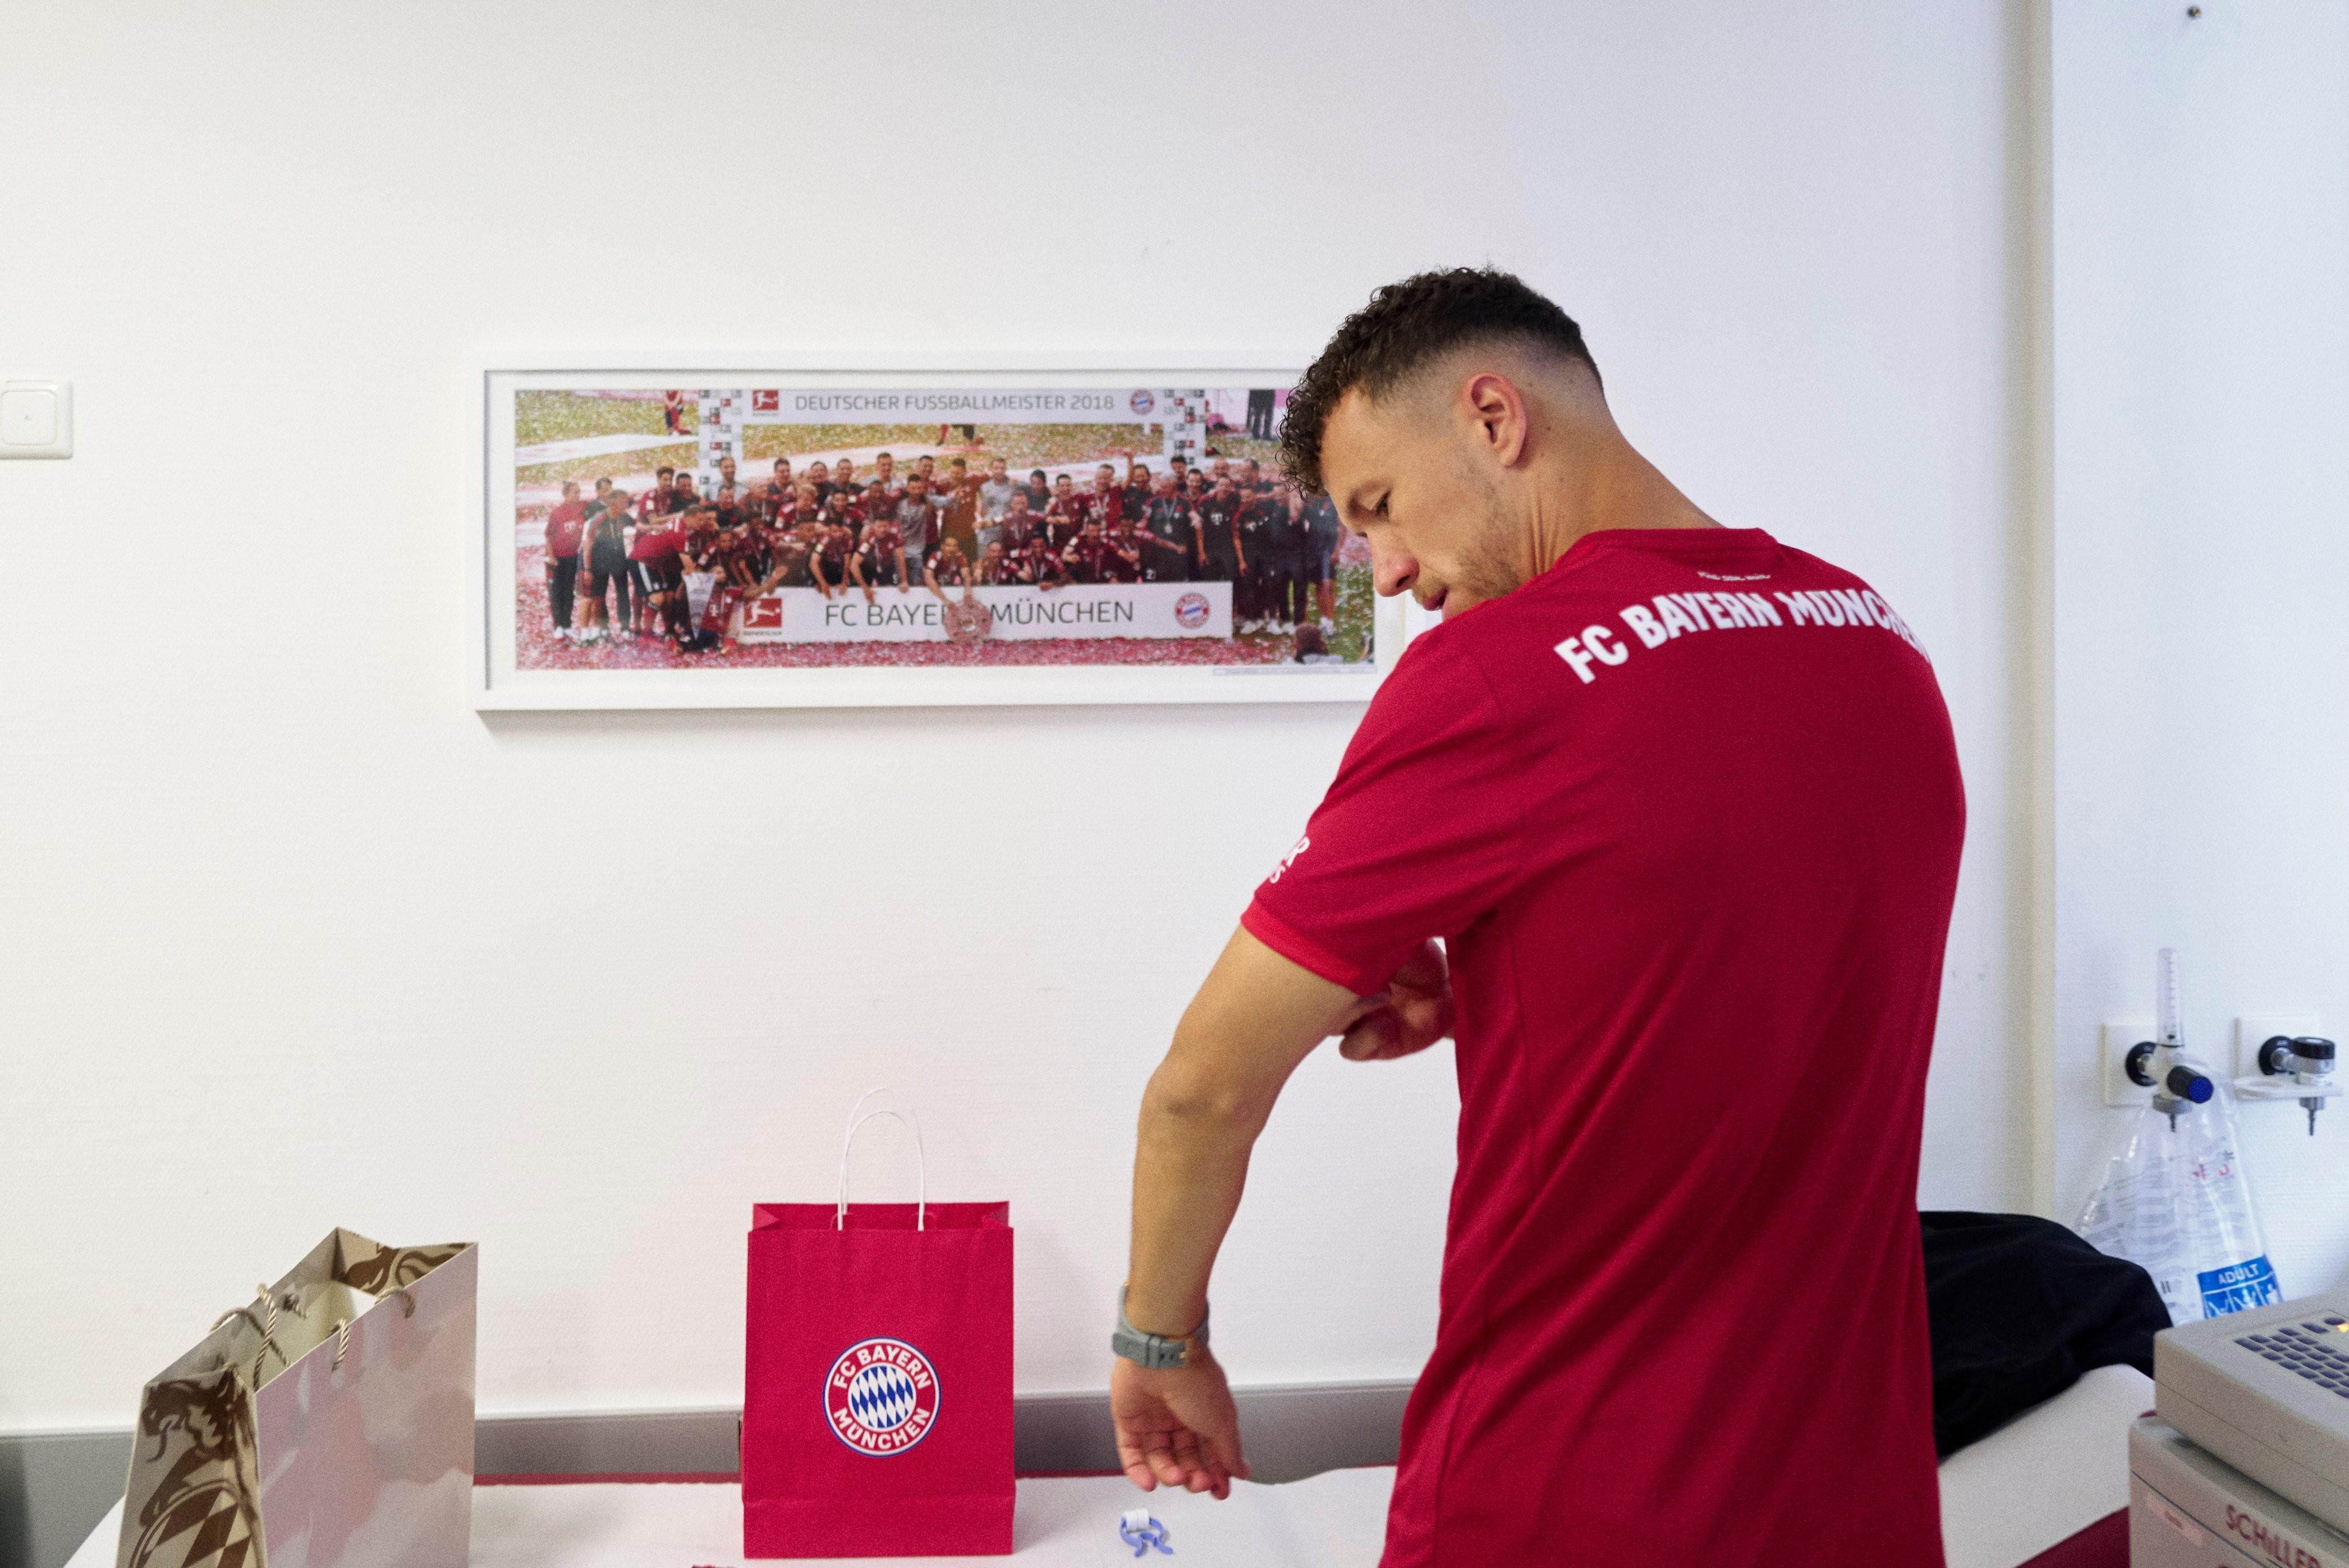 Ora èufficiale: Ivan Perisic lascia l'Inter e si trasferisce al Bayern Monaco. Lo ha annunciato il club nerazzurro con una nota sul p...